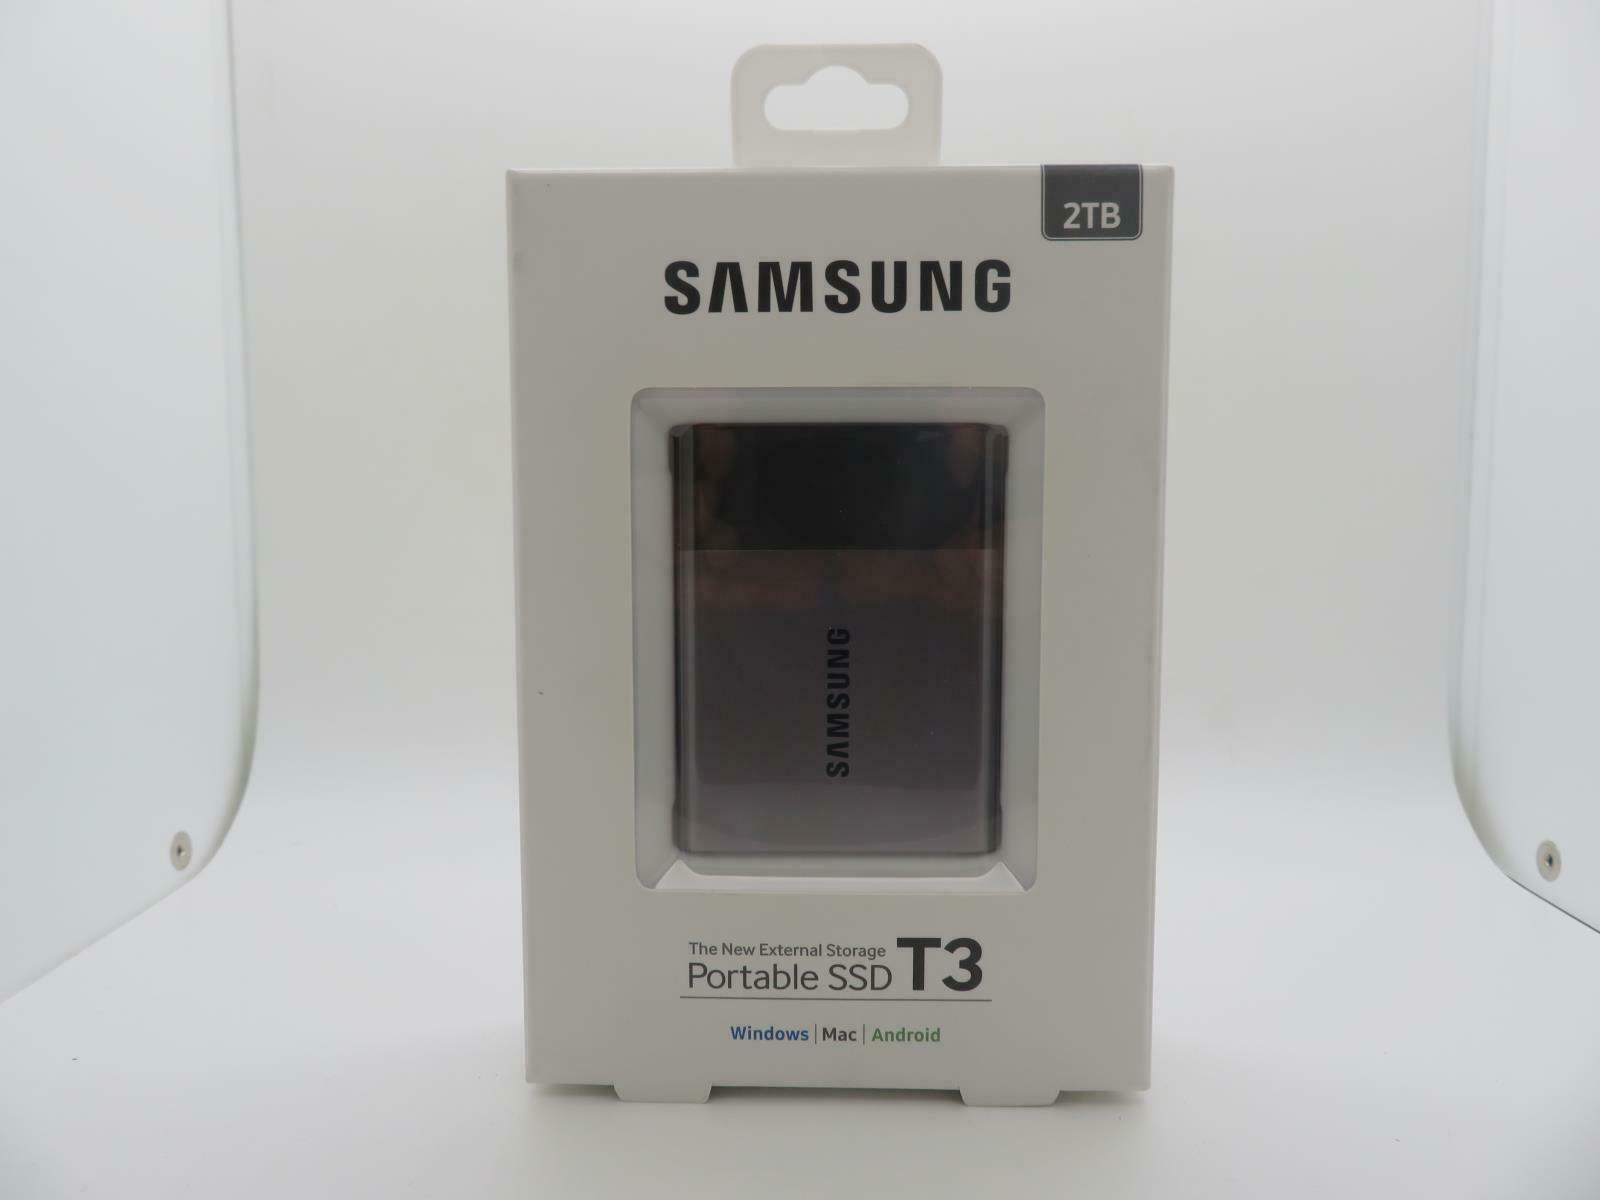 SAMSUNG-Portable-SSD-T3-2-TB-MU-PT2T0B-WW